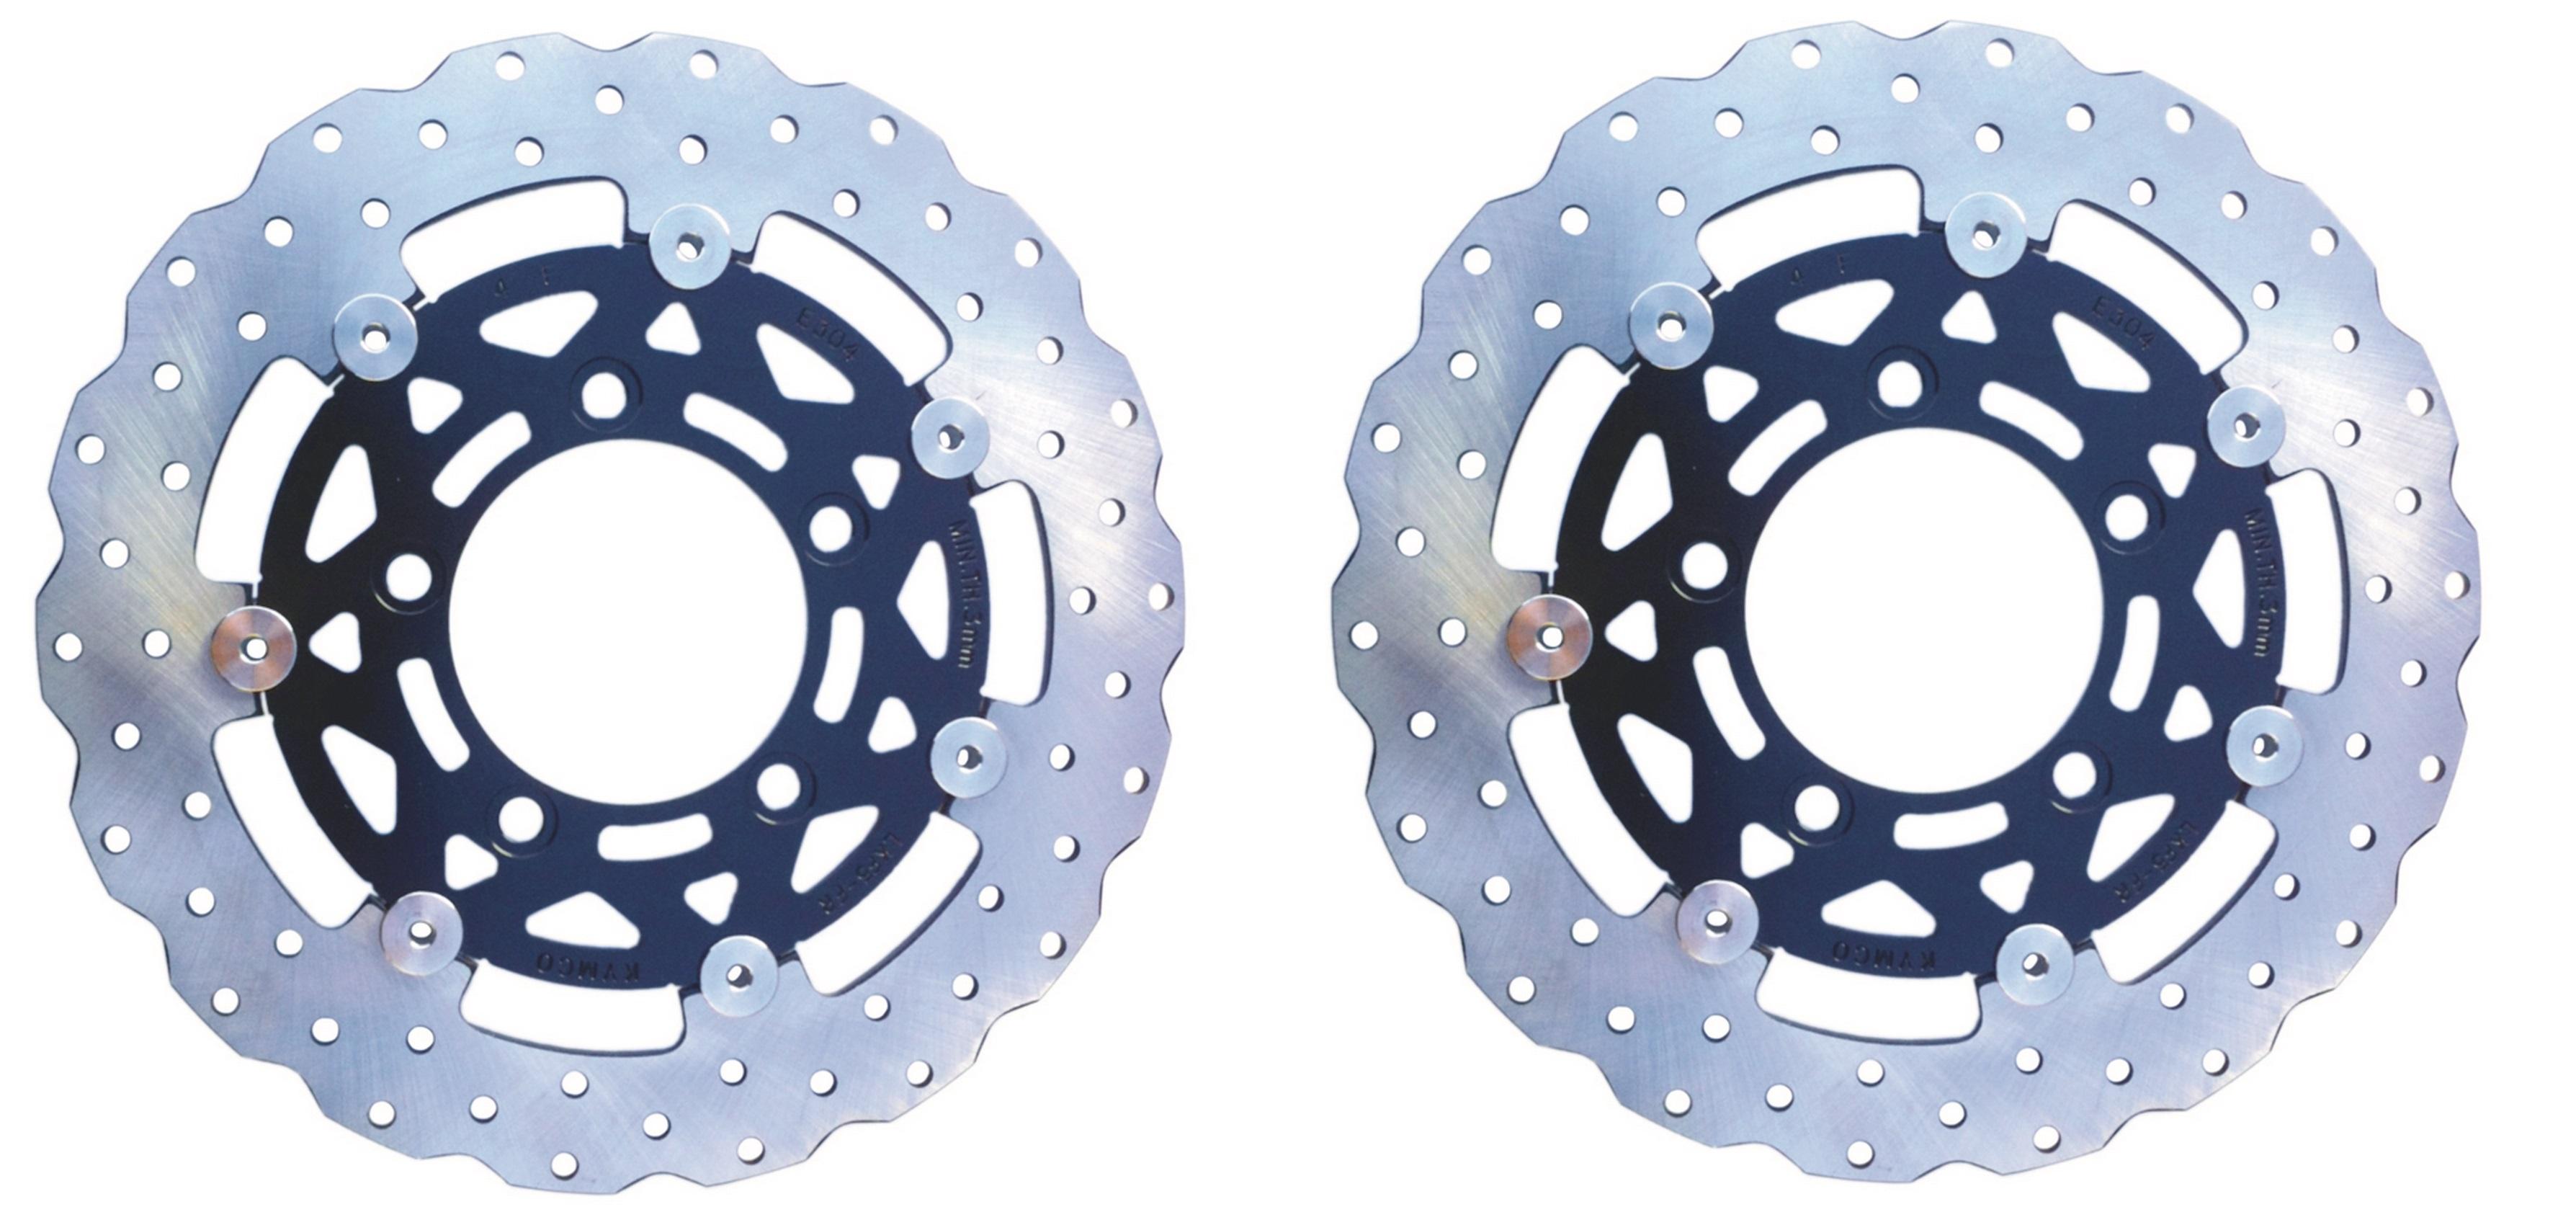 Modifica del Motorino del Motociclo in Alluminio CNC Delaman Leva del Freno a Doppio Disco Universale Colore : Black Leva del Freno Doppia